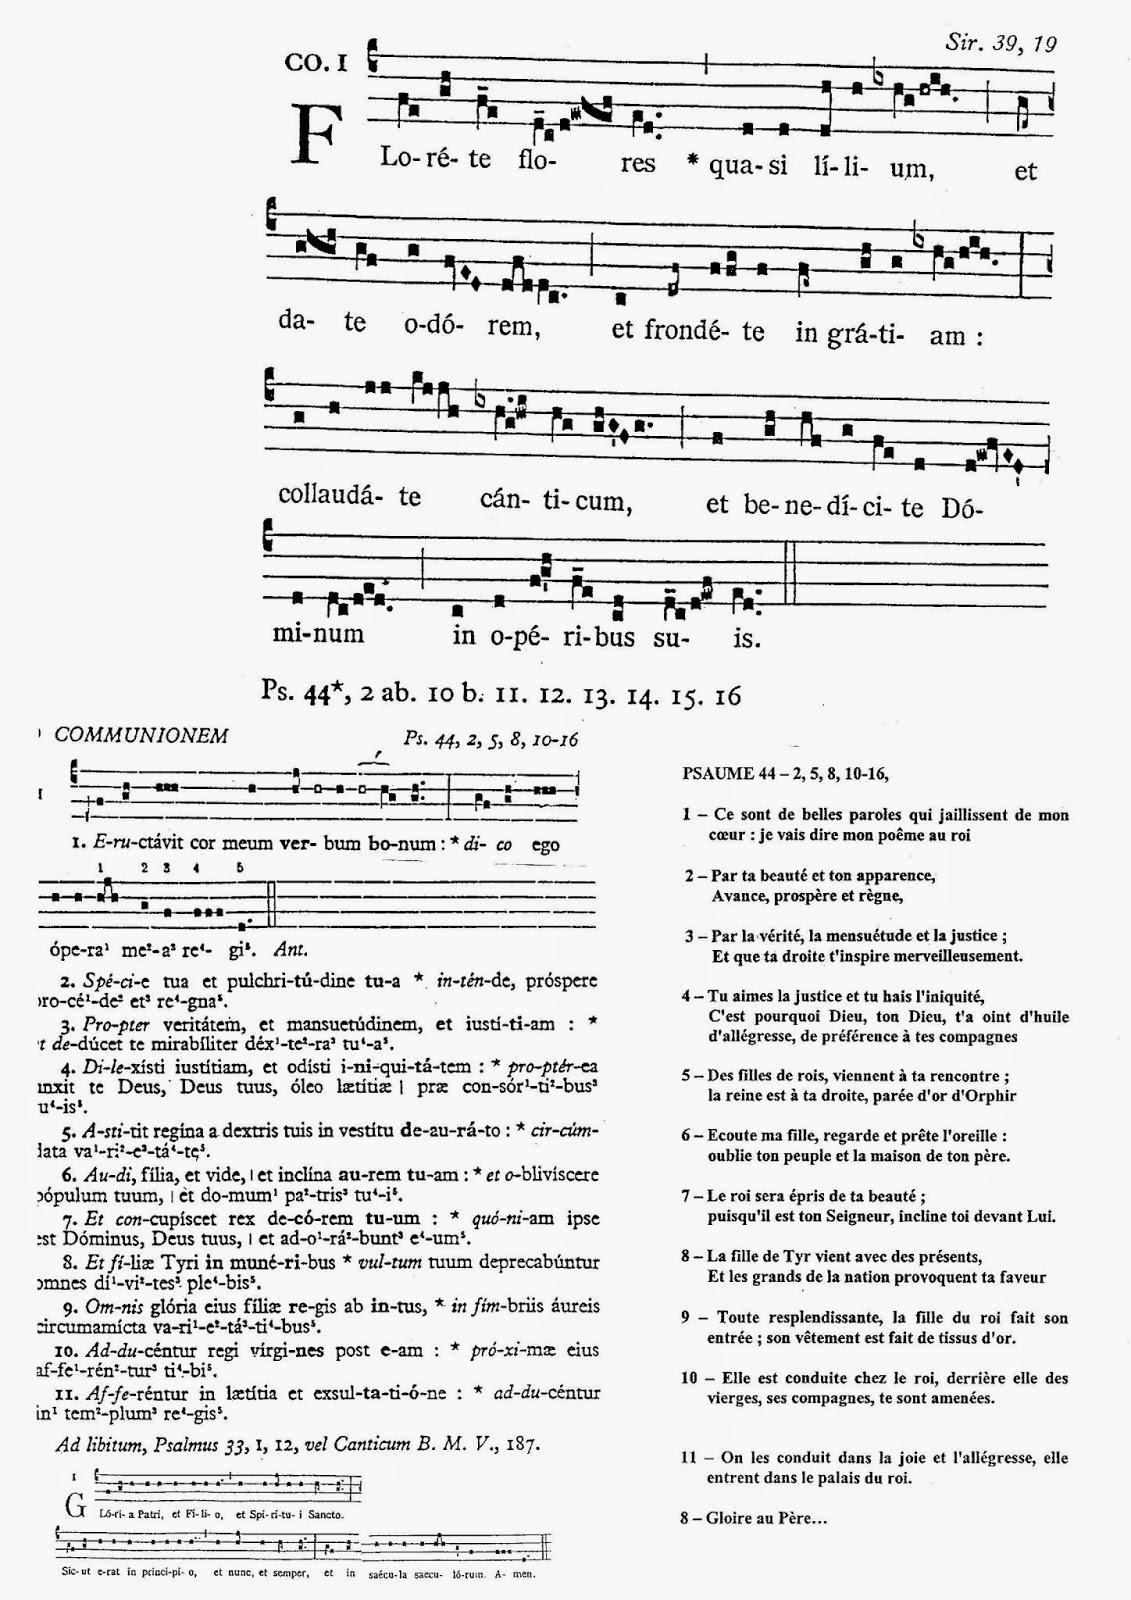 Chorale saint georges xvii me dimanche apr s la pentec te - Laisserons nous a notre table paroles ...